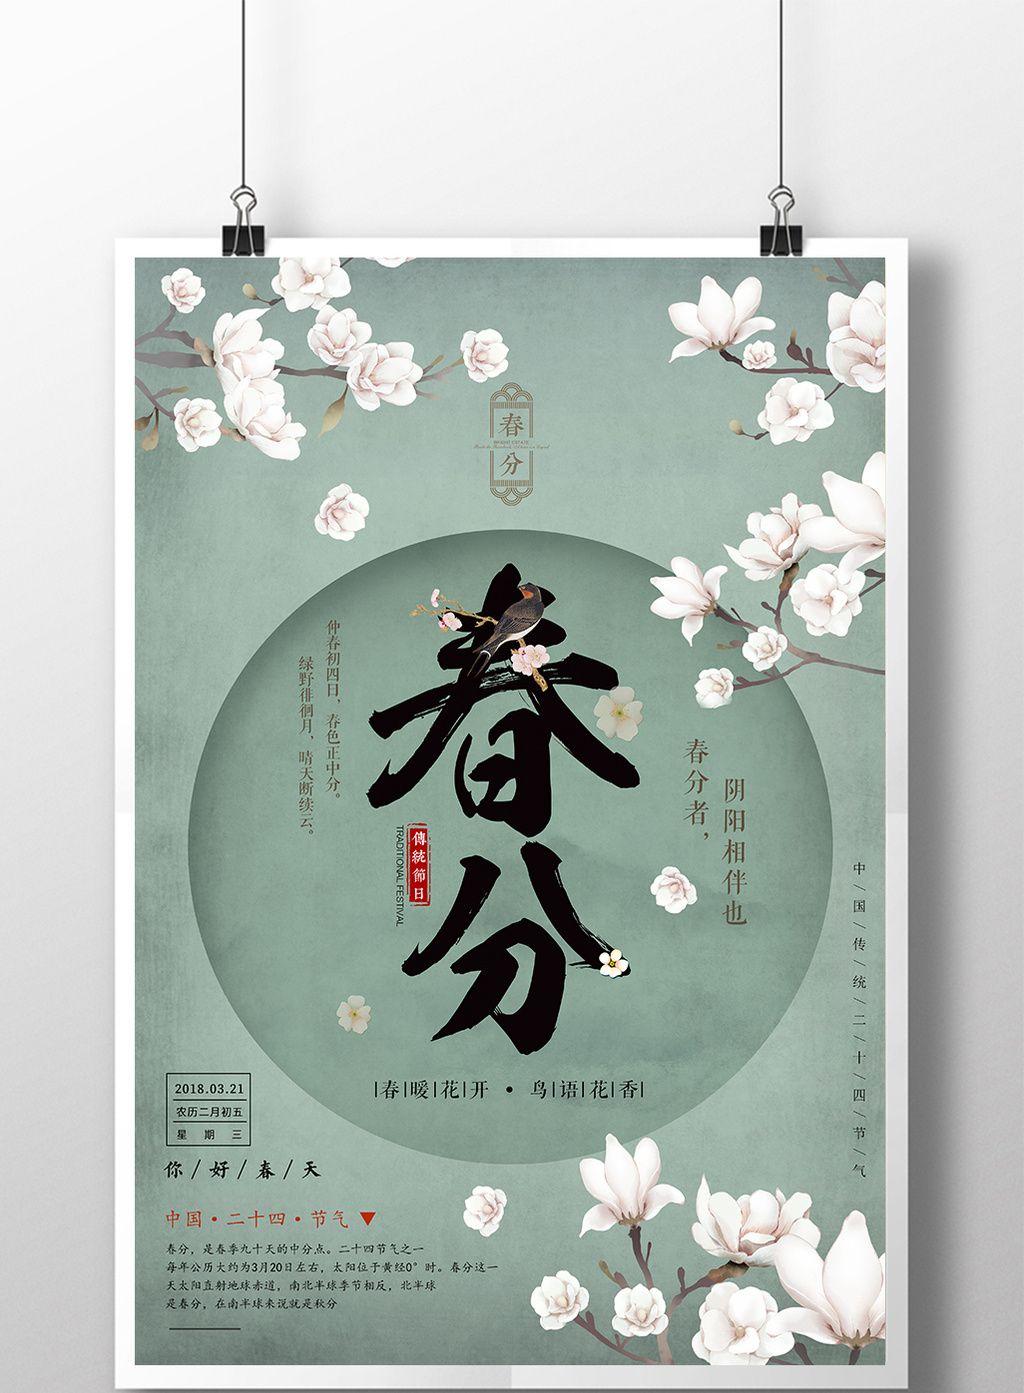 1950s China Chinese Propaganda Poster Stock Photo